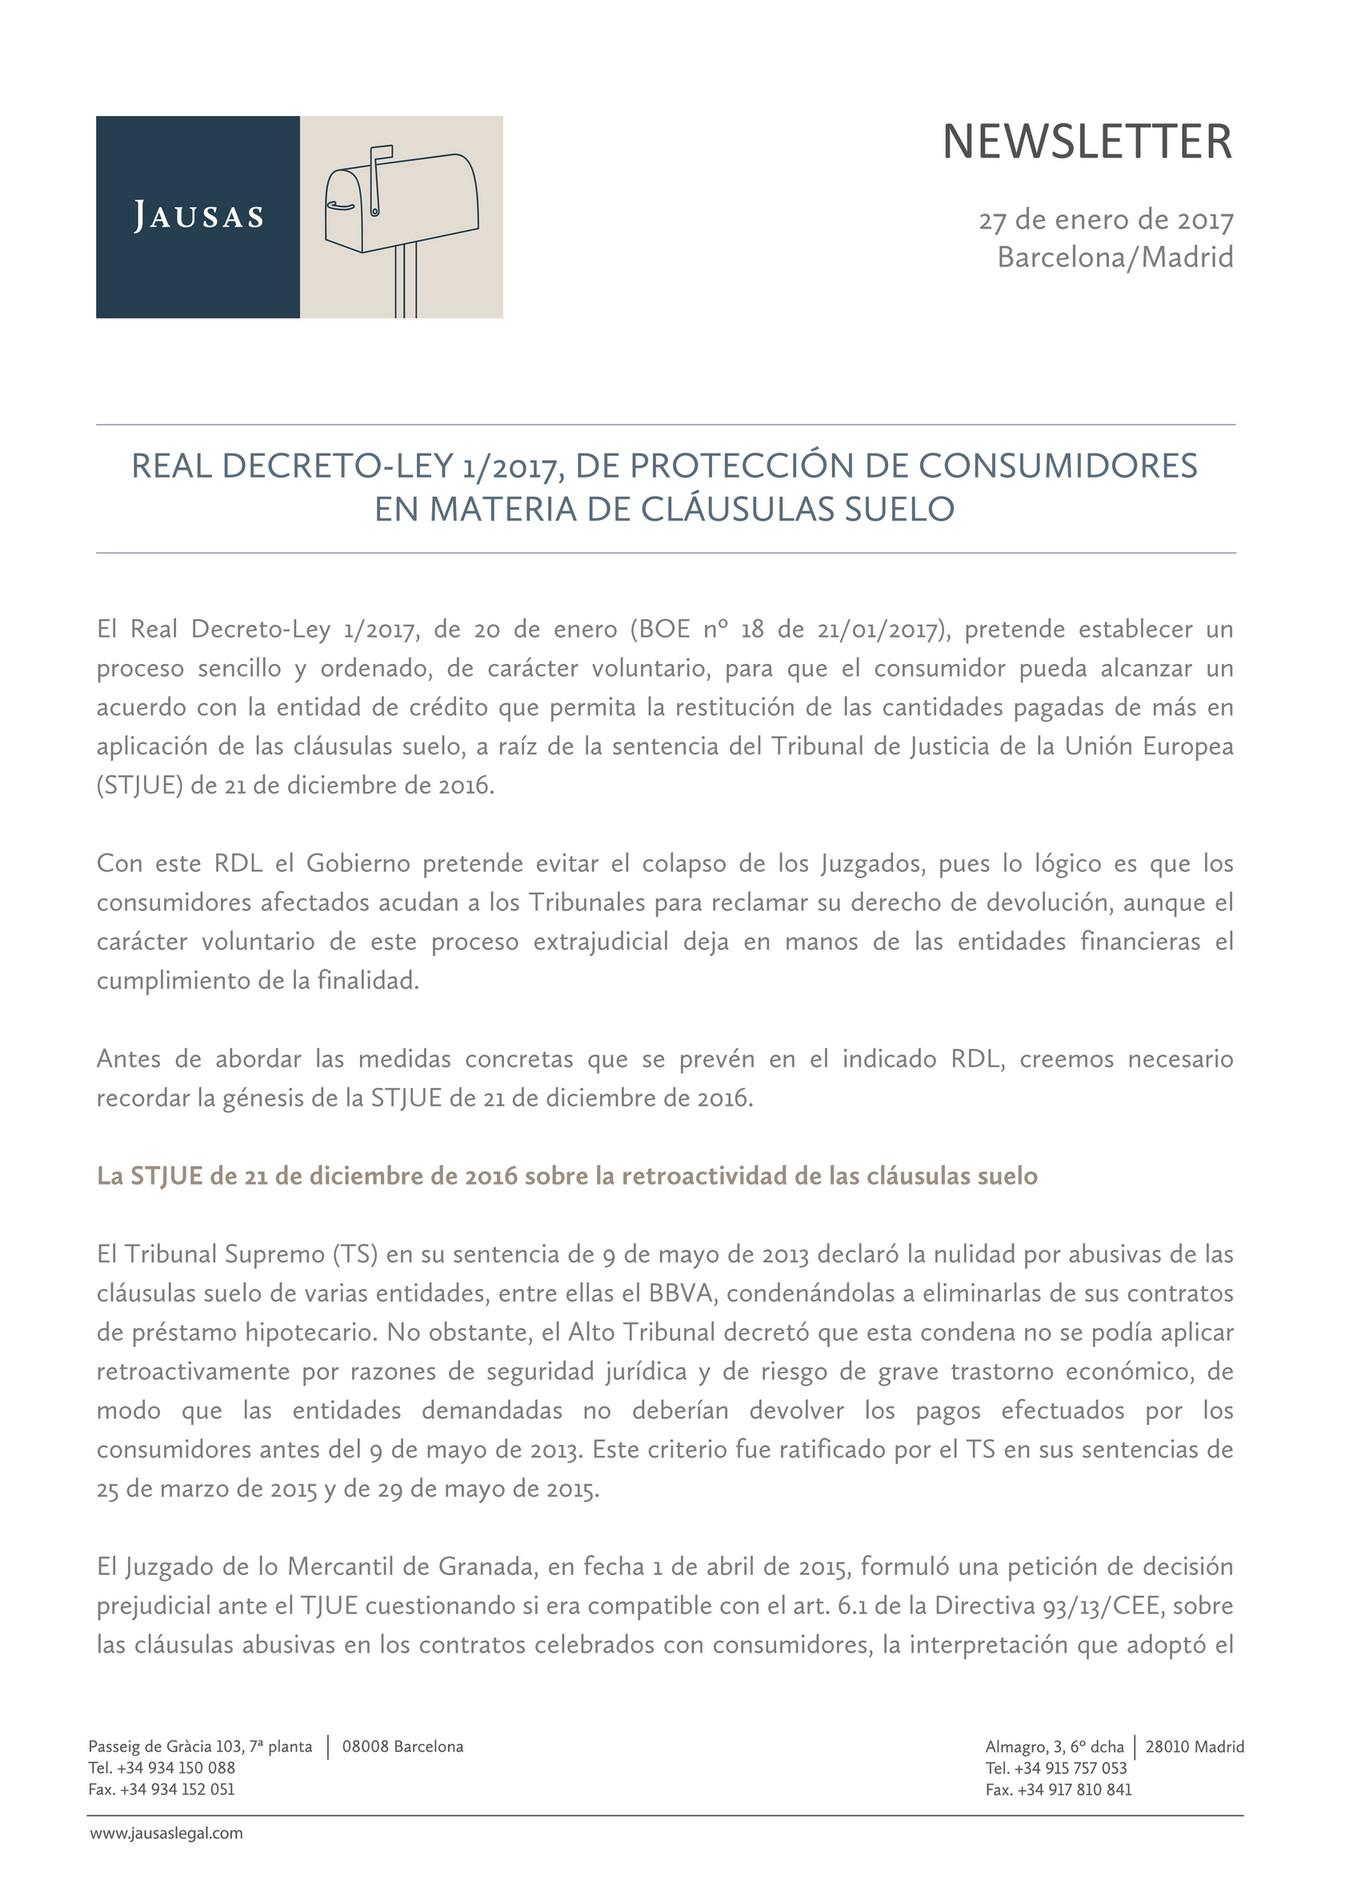 Real decreto ley 1 2017 de protecci n de consumidores en for Decreto gobierno clausulas suelo